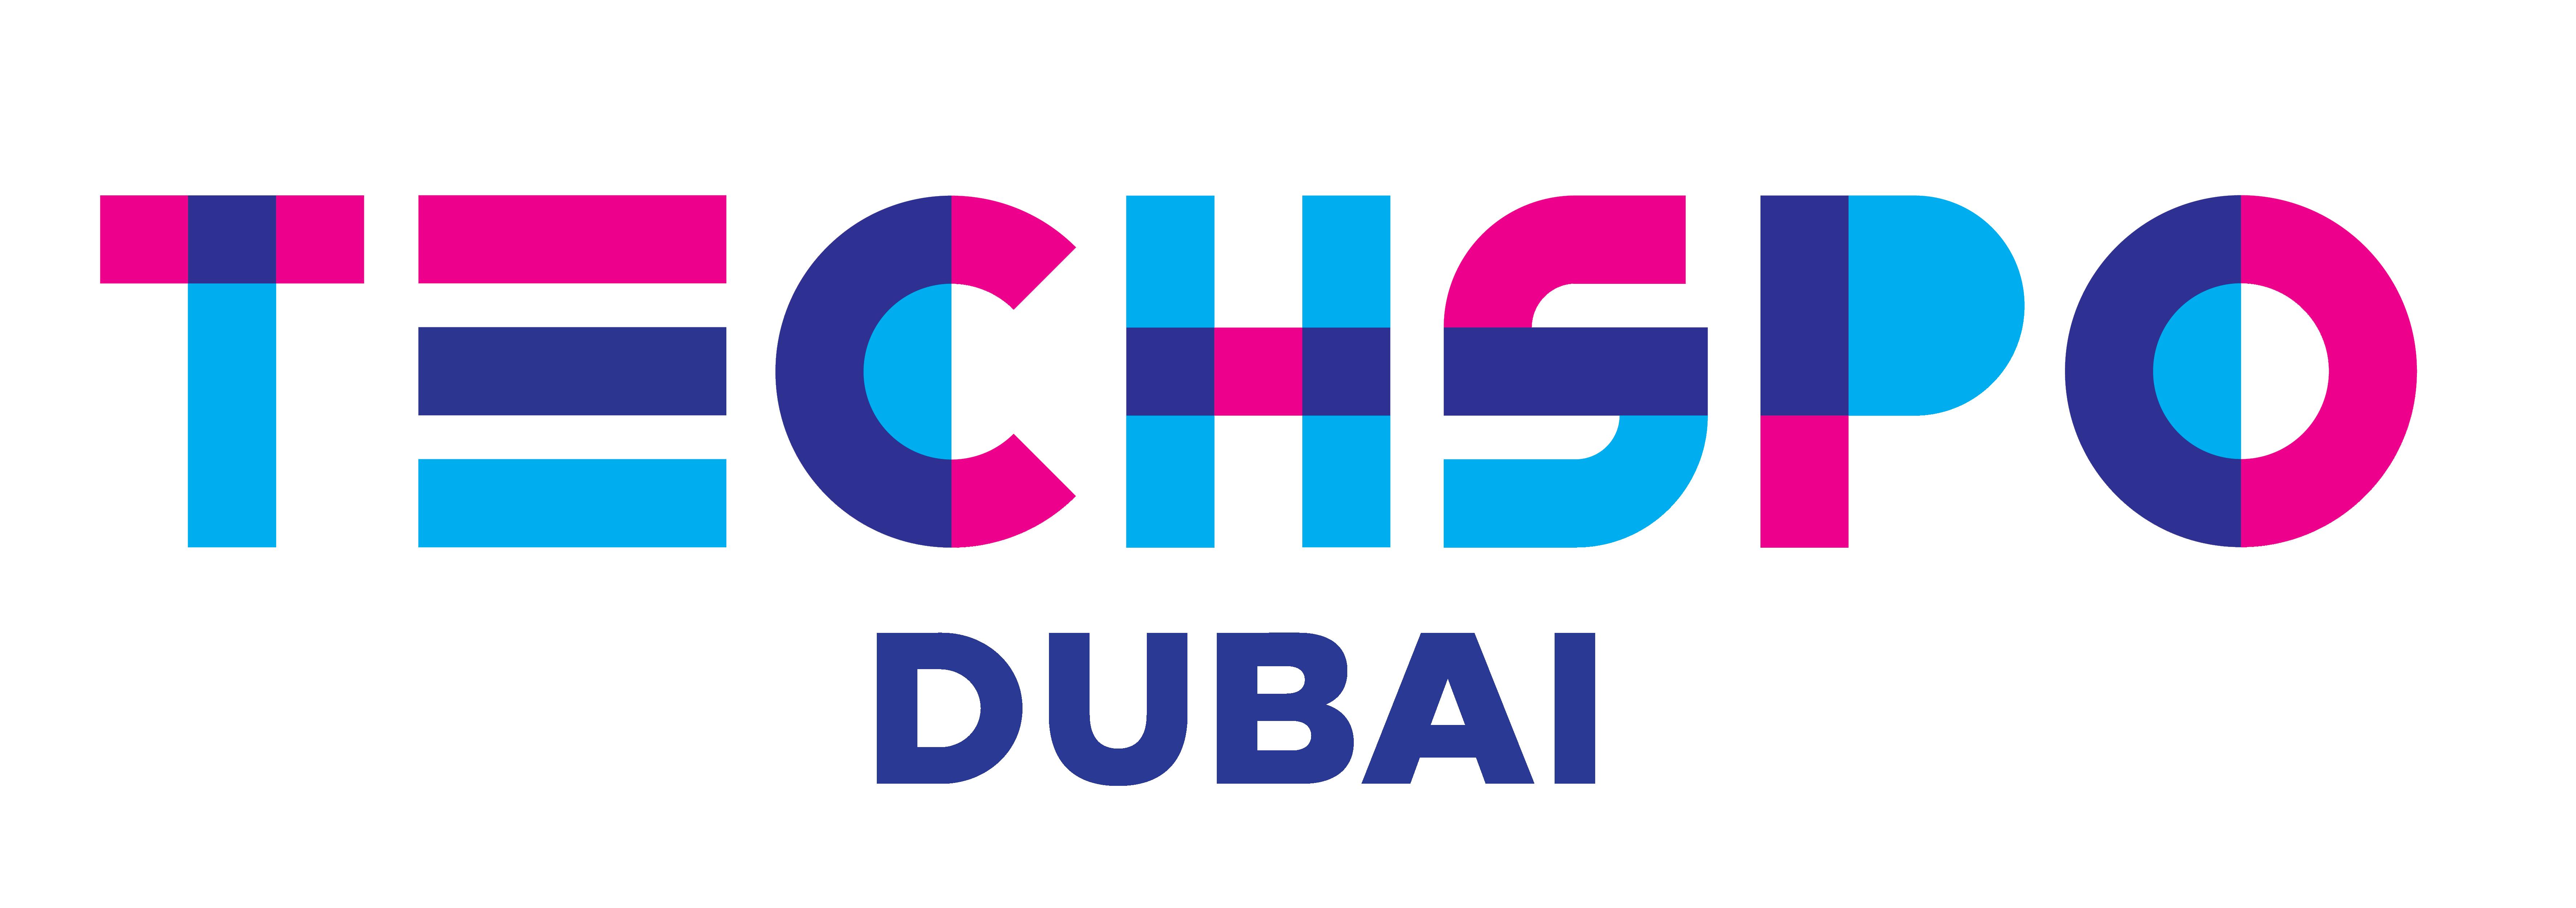 TECHSPO Dubai 2022 Technology Expo (Internet ~ Mobile ~ AdTech ~ MarTech ~ SaaS)